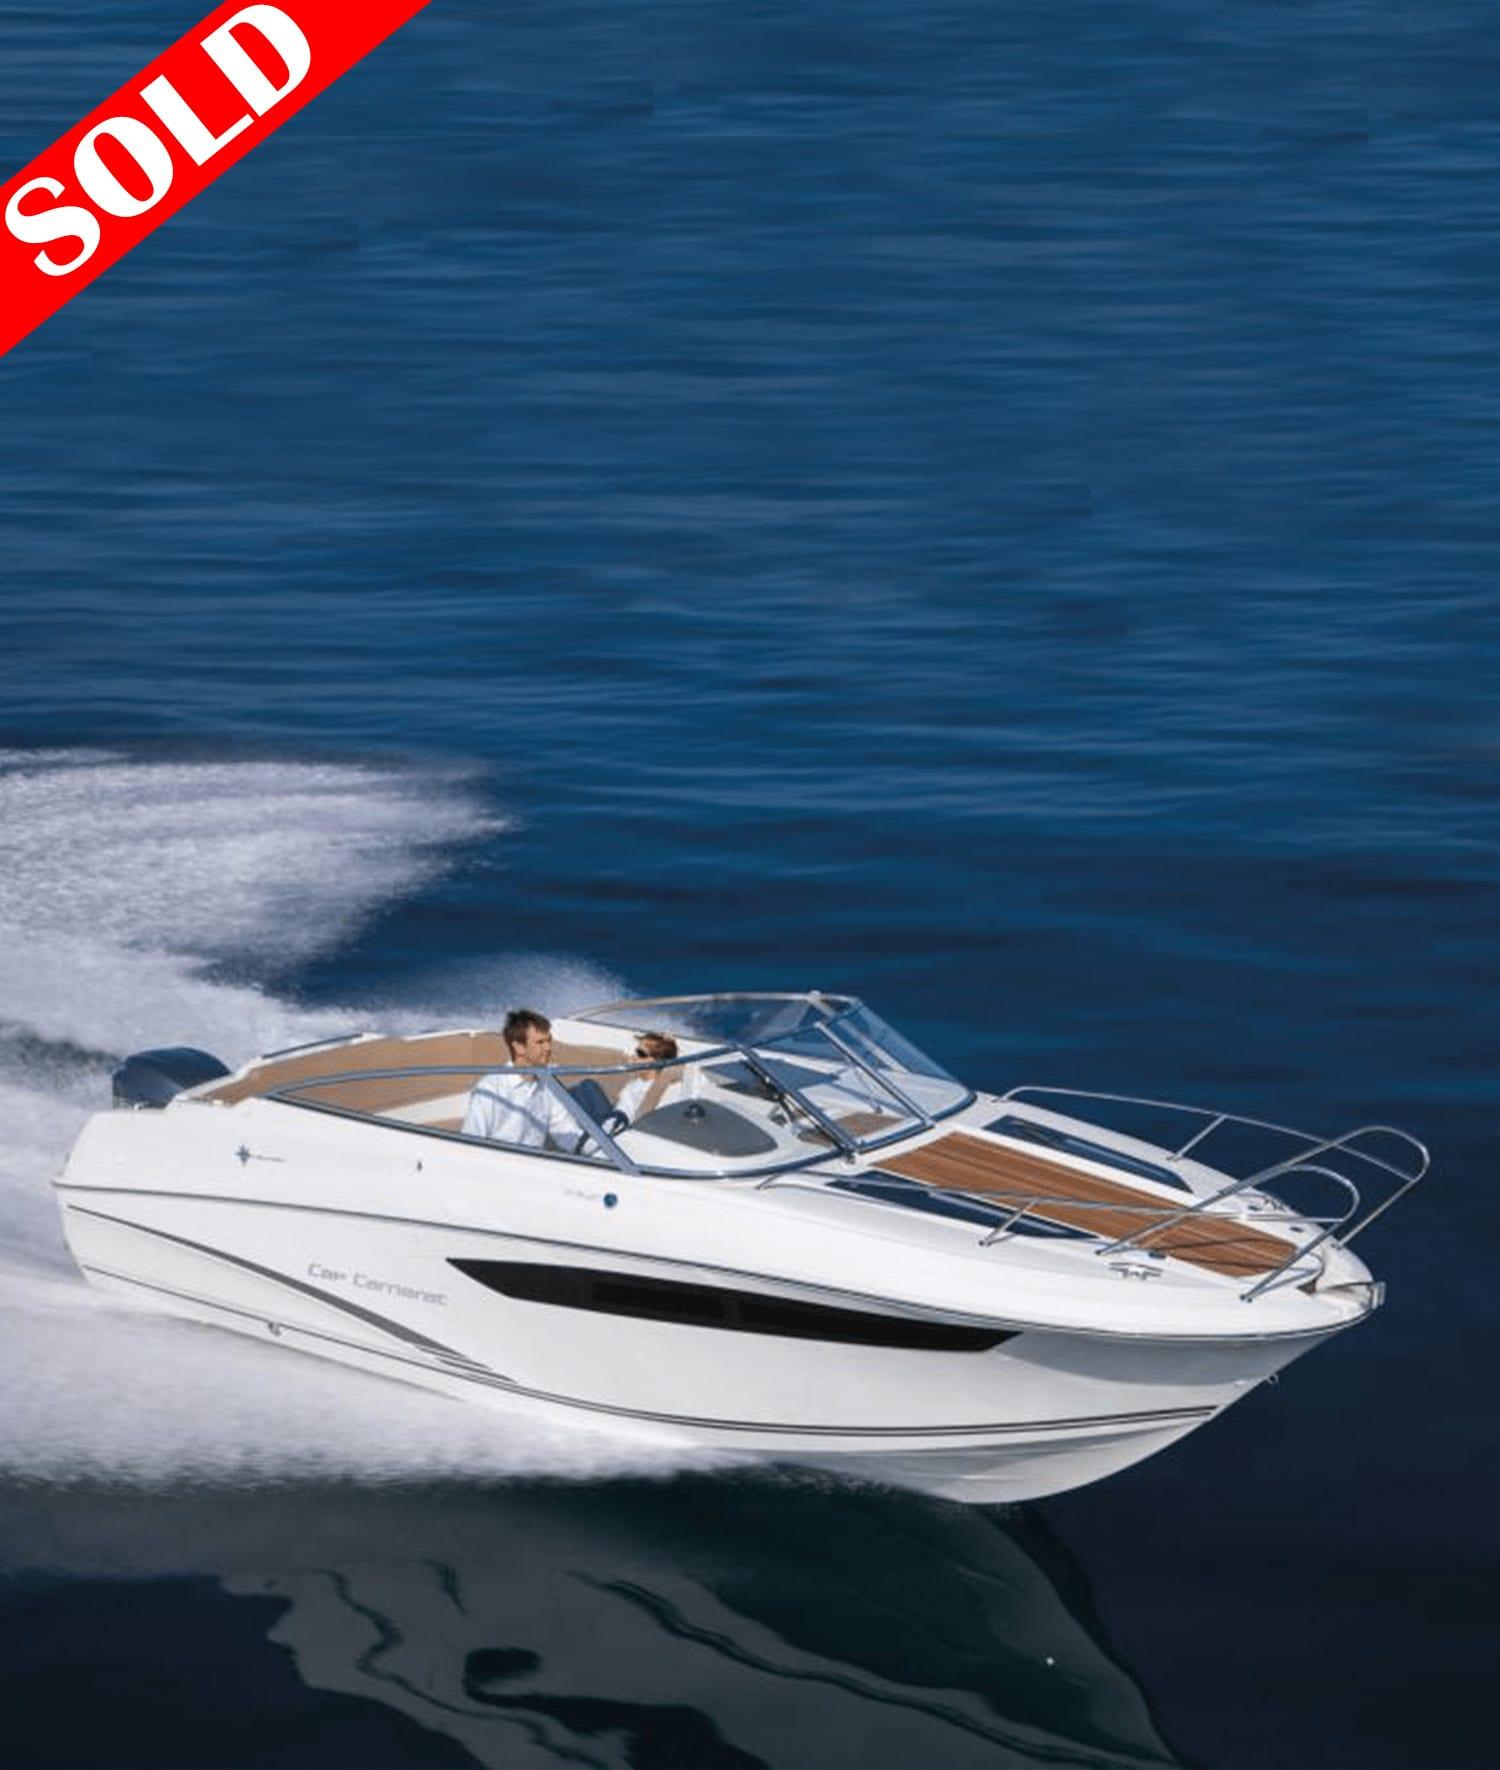 فروش قایق تفریحی در ایران